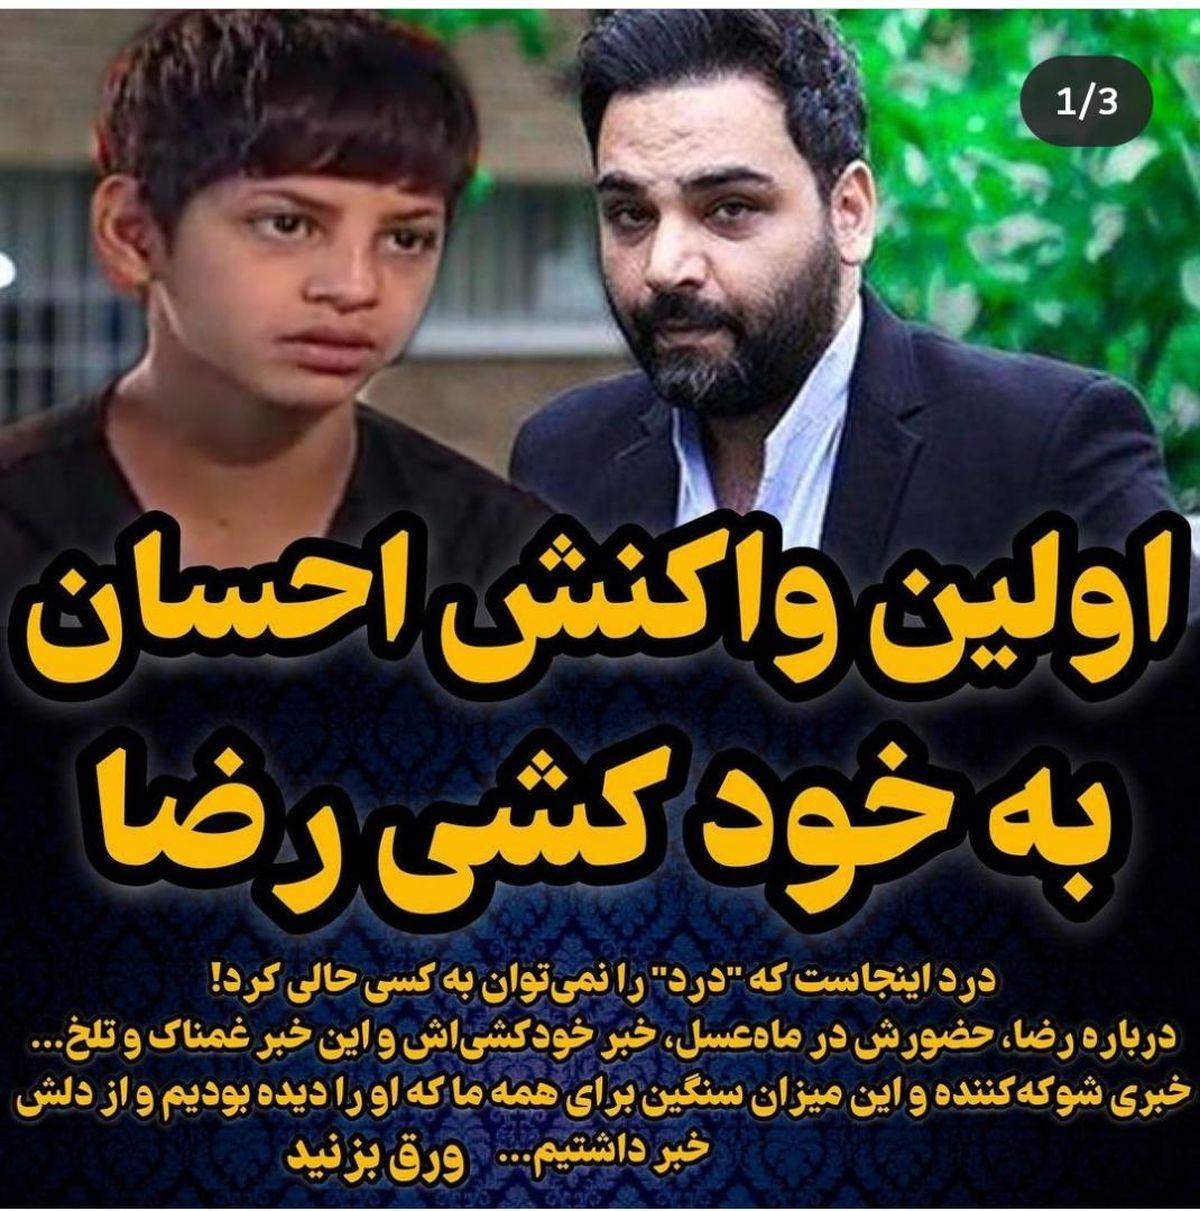 واکنش معنادار و تند احسان علیخانی به خودکشی مهمان ماه عسل + فیلم و عکس